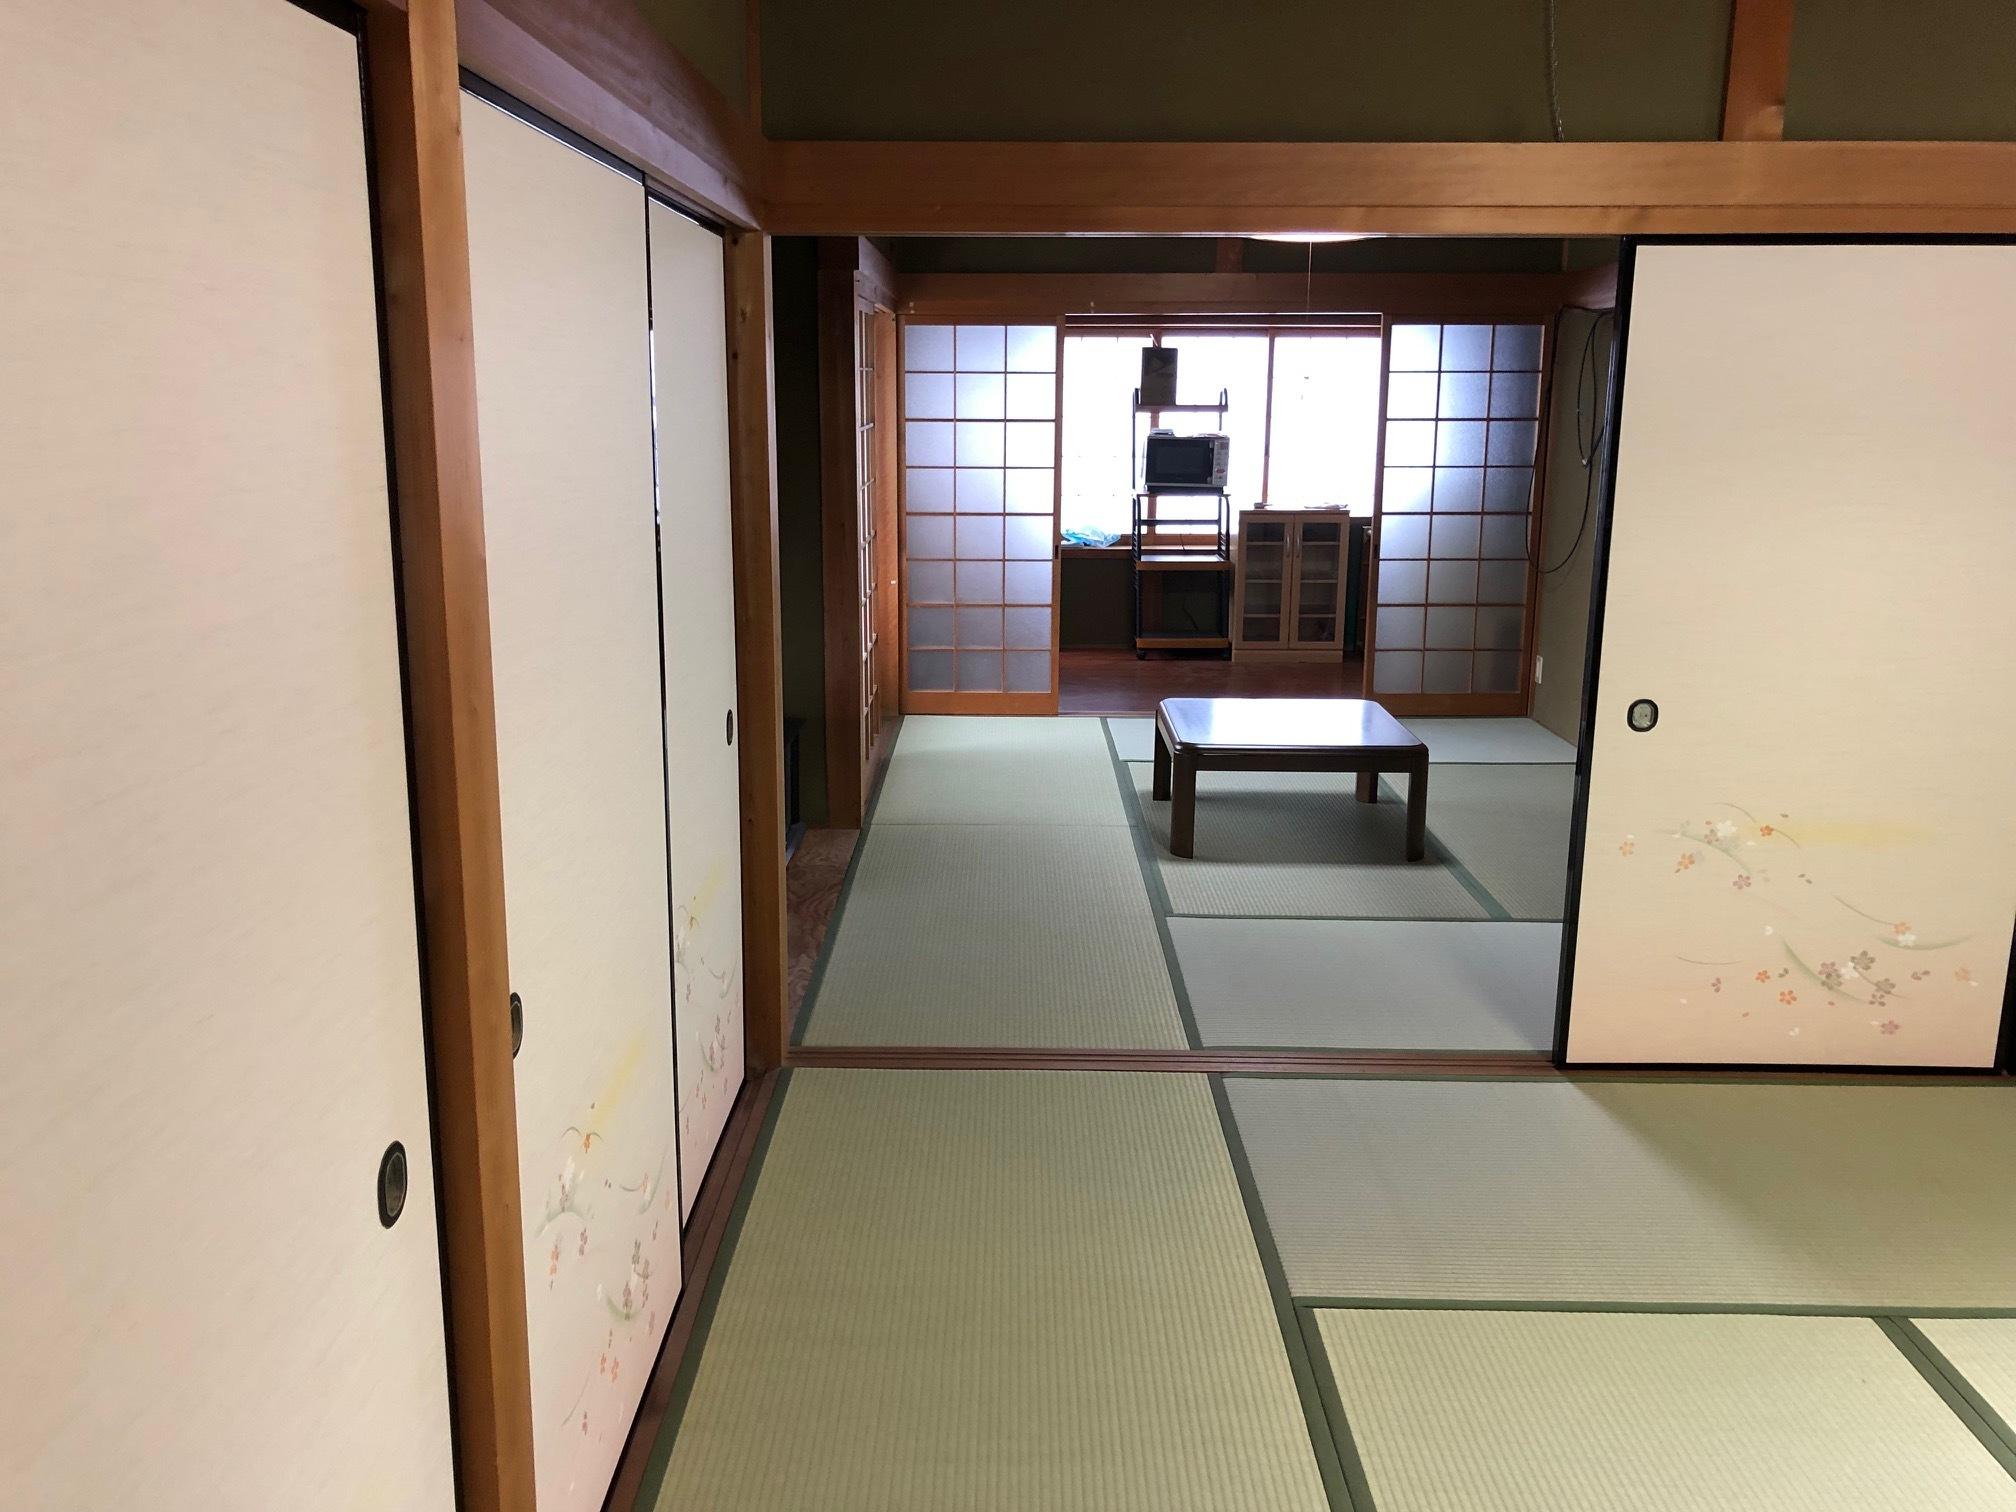 京都やましろ保養の家をつくろう メールニュースNO4 _a0224877_13593508.jpg